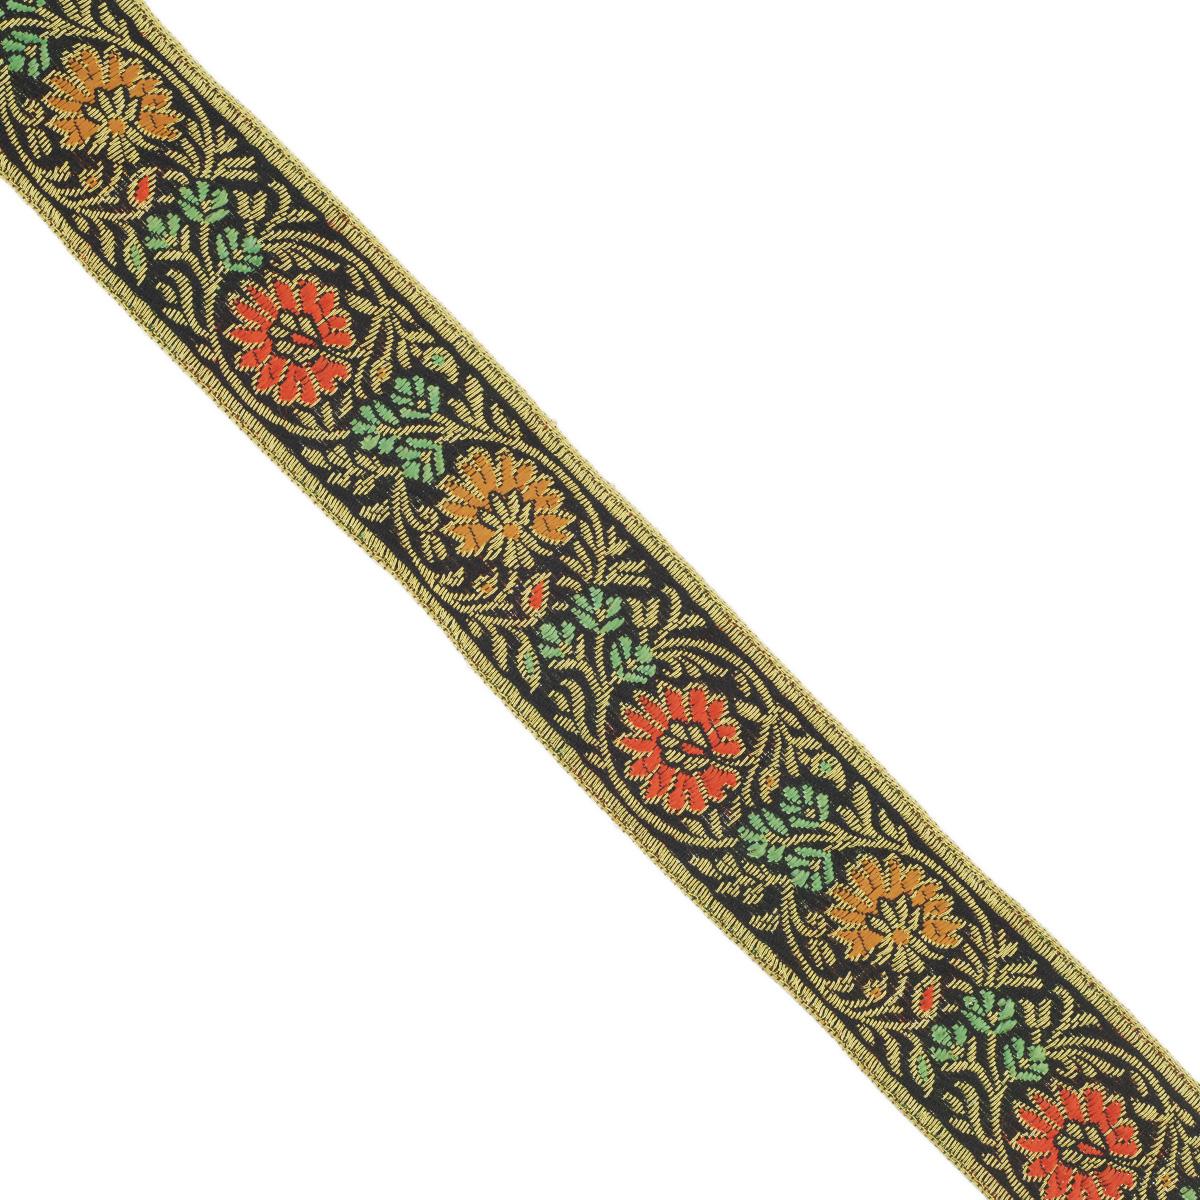 Тесьма декоративная Астра, цвет: черный (С22), ширина 3 см, длина 9 м. 77034417703441_С22Декоративная тесьма Астра выполнена из текстиля и оформлена оригинальным жаккардовым орнаментом. Такая тесьма идеально подойдет для оформления различных творческих работ таких, как скрапбукинг, аппликация, декор коробок и открыток и многое другое. Тесьма наивысшего качества и практична в использовании. Она станет незаменимым элементом в создании рукотворного шедевра. Ширина: 3 см. Длина: 9 м.